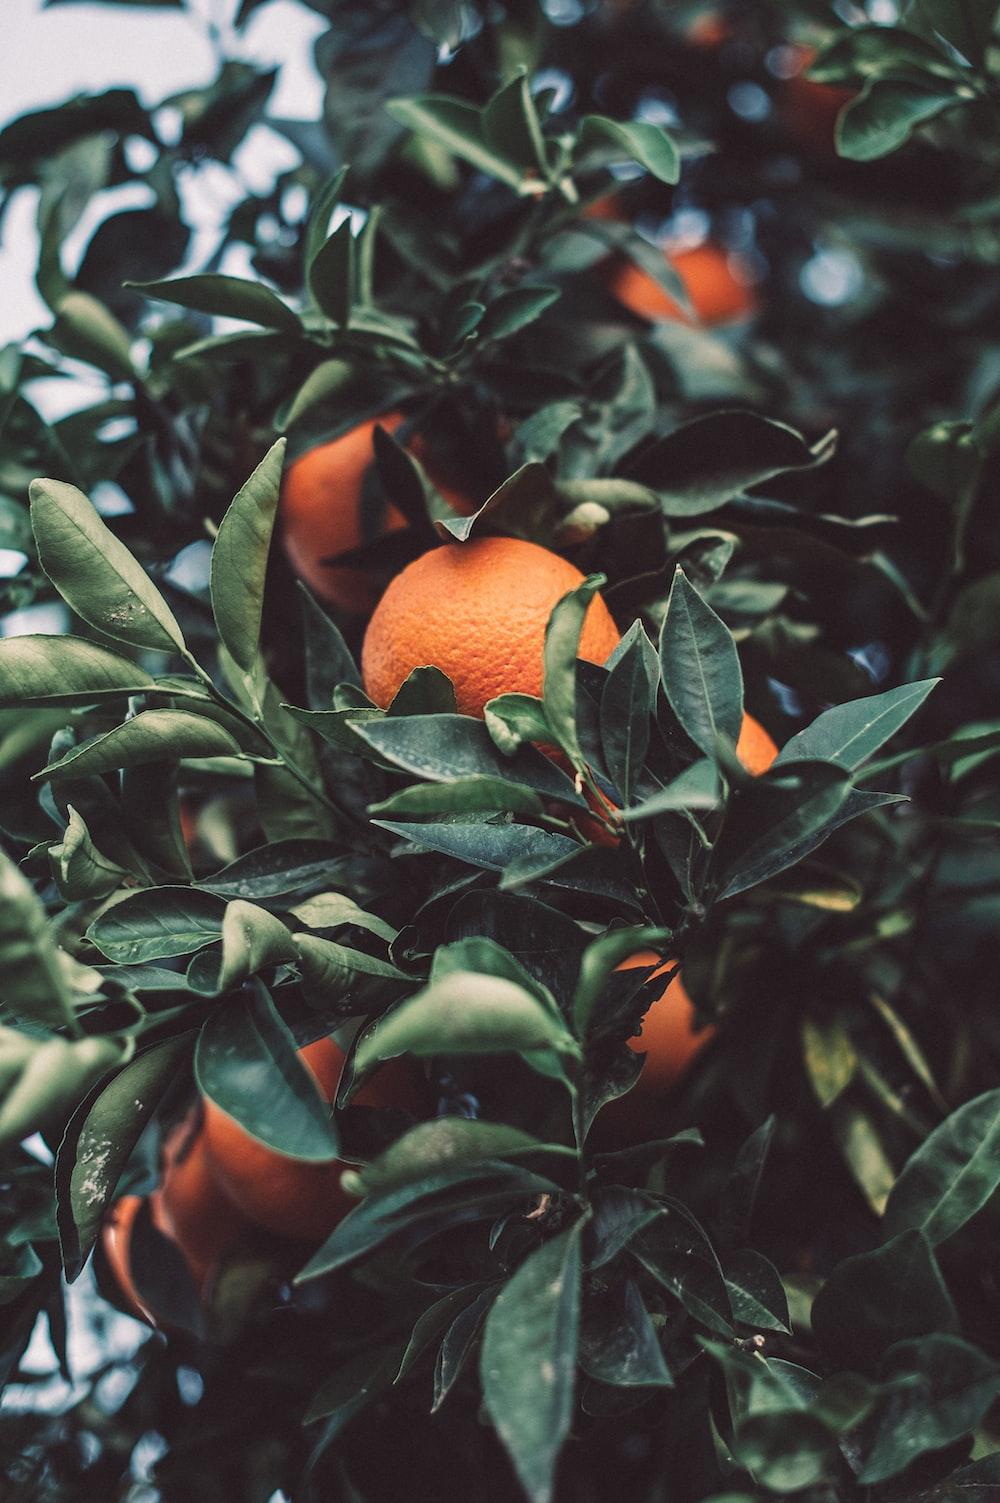 close up photography of orange fruit